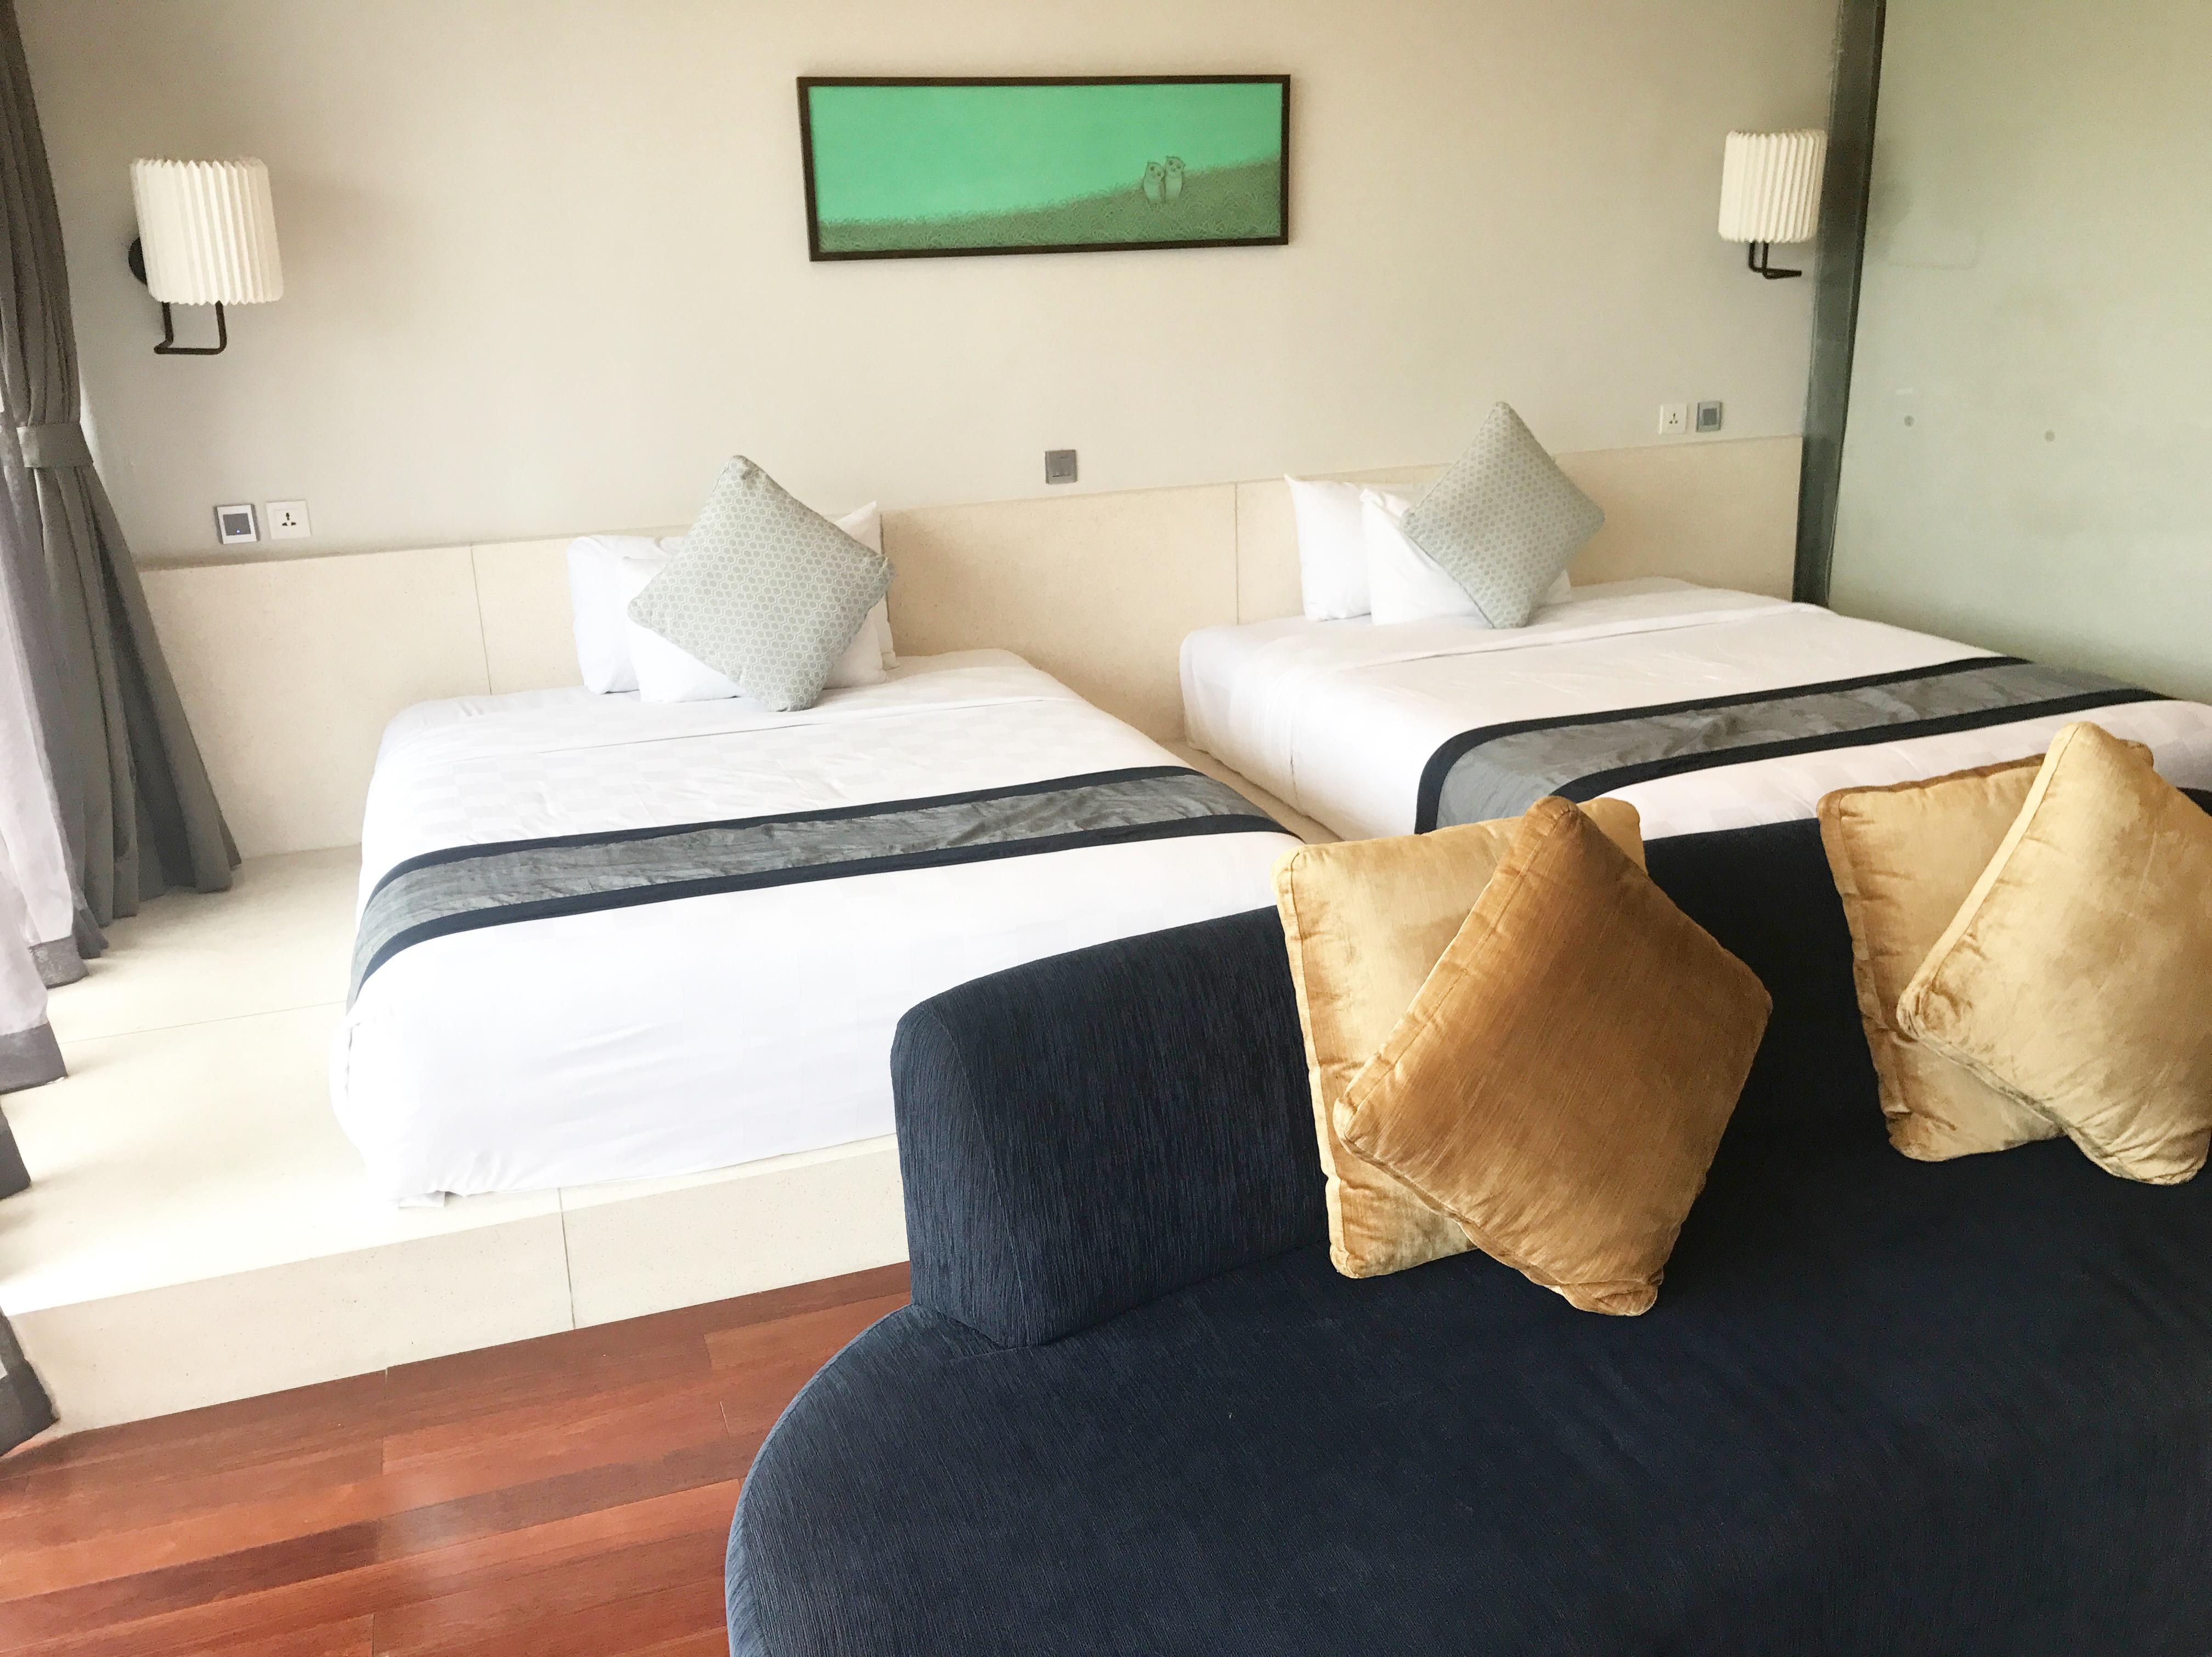 Bali, vakantie, hotel, Watermark, luxe, Ubud, Jimbaran, Canggu, Seminyak, Gili, reizen, wereldreis, goldust, jurken